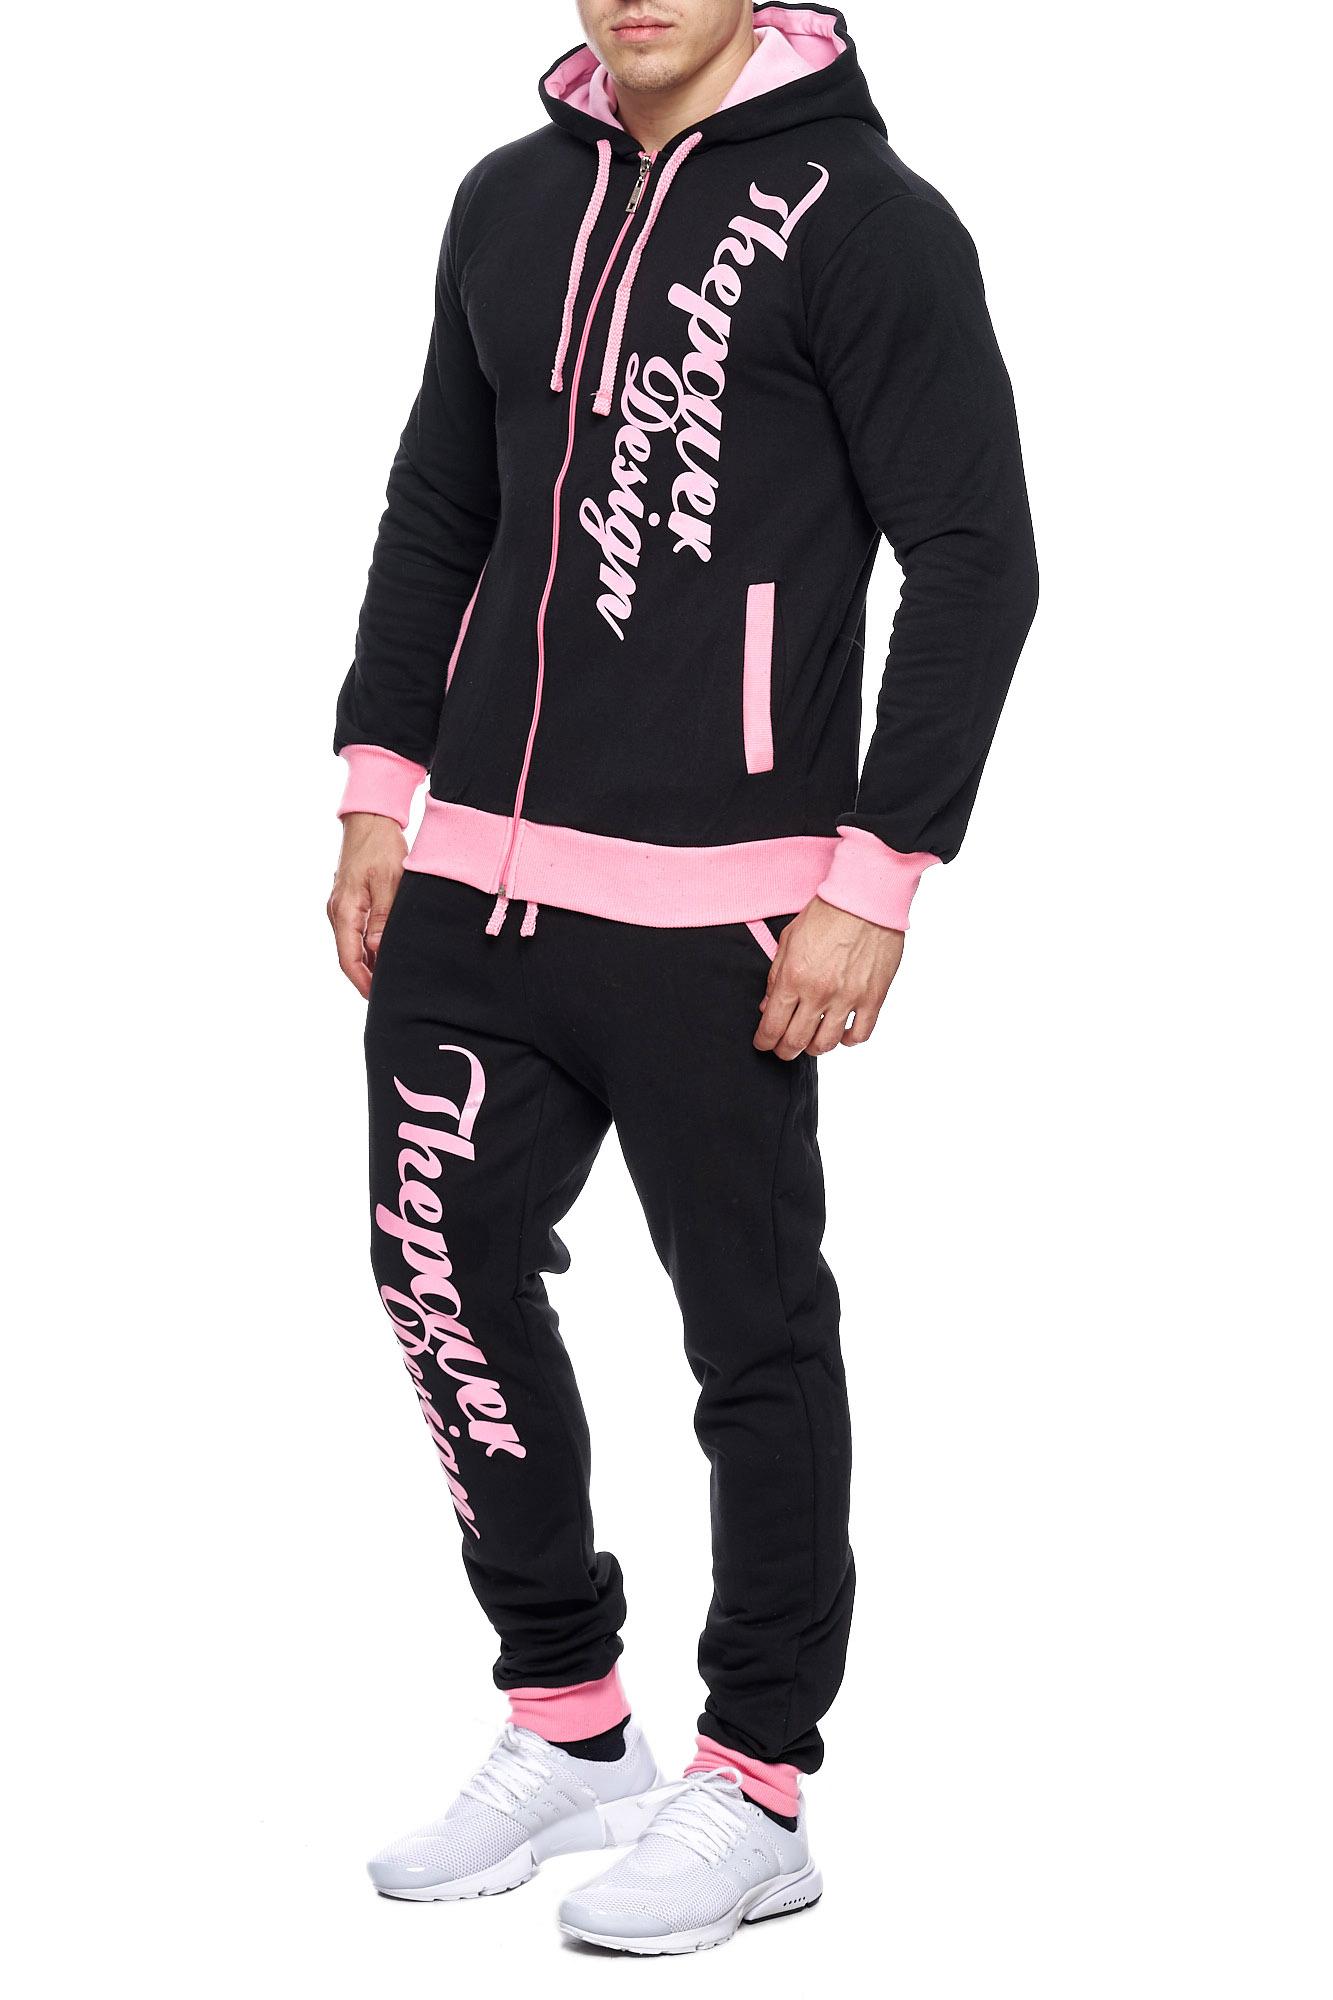 Jogging-Suit-Sports-Suit-Fitness-Power-Men-039-s-Code47 thumbnail 5